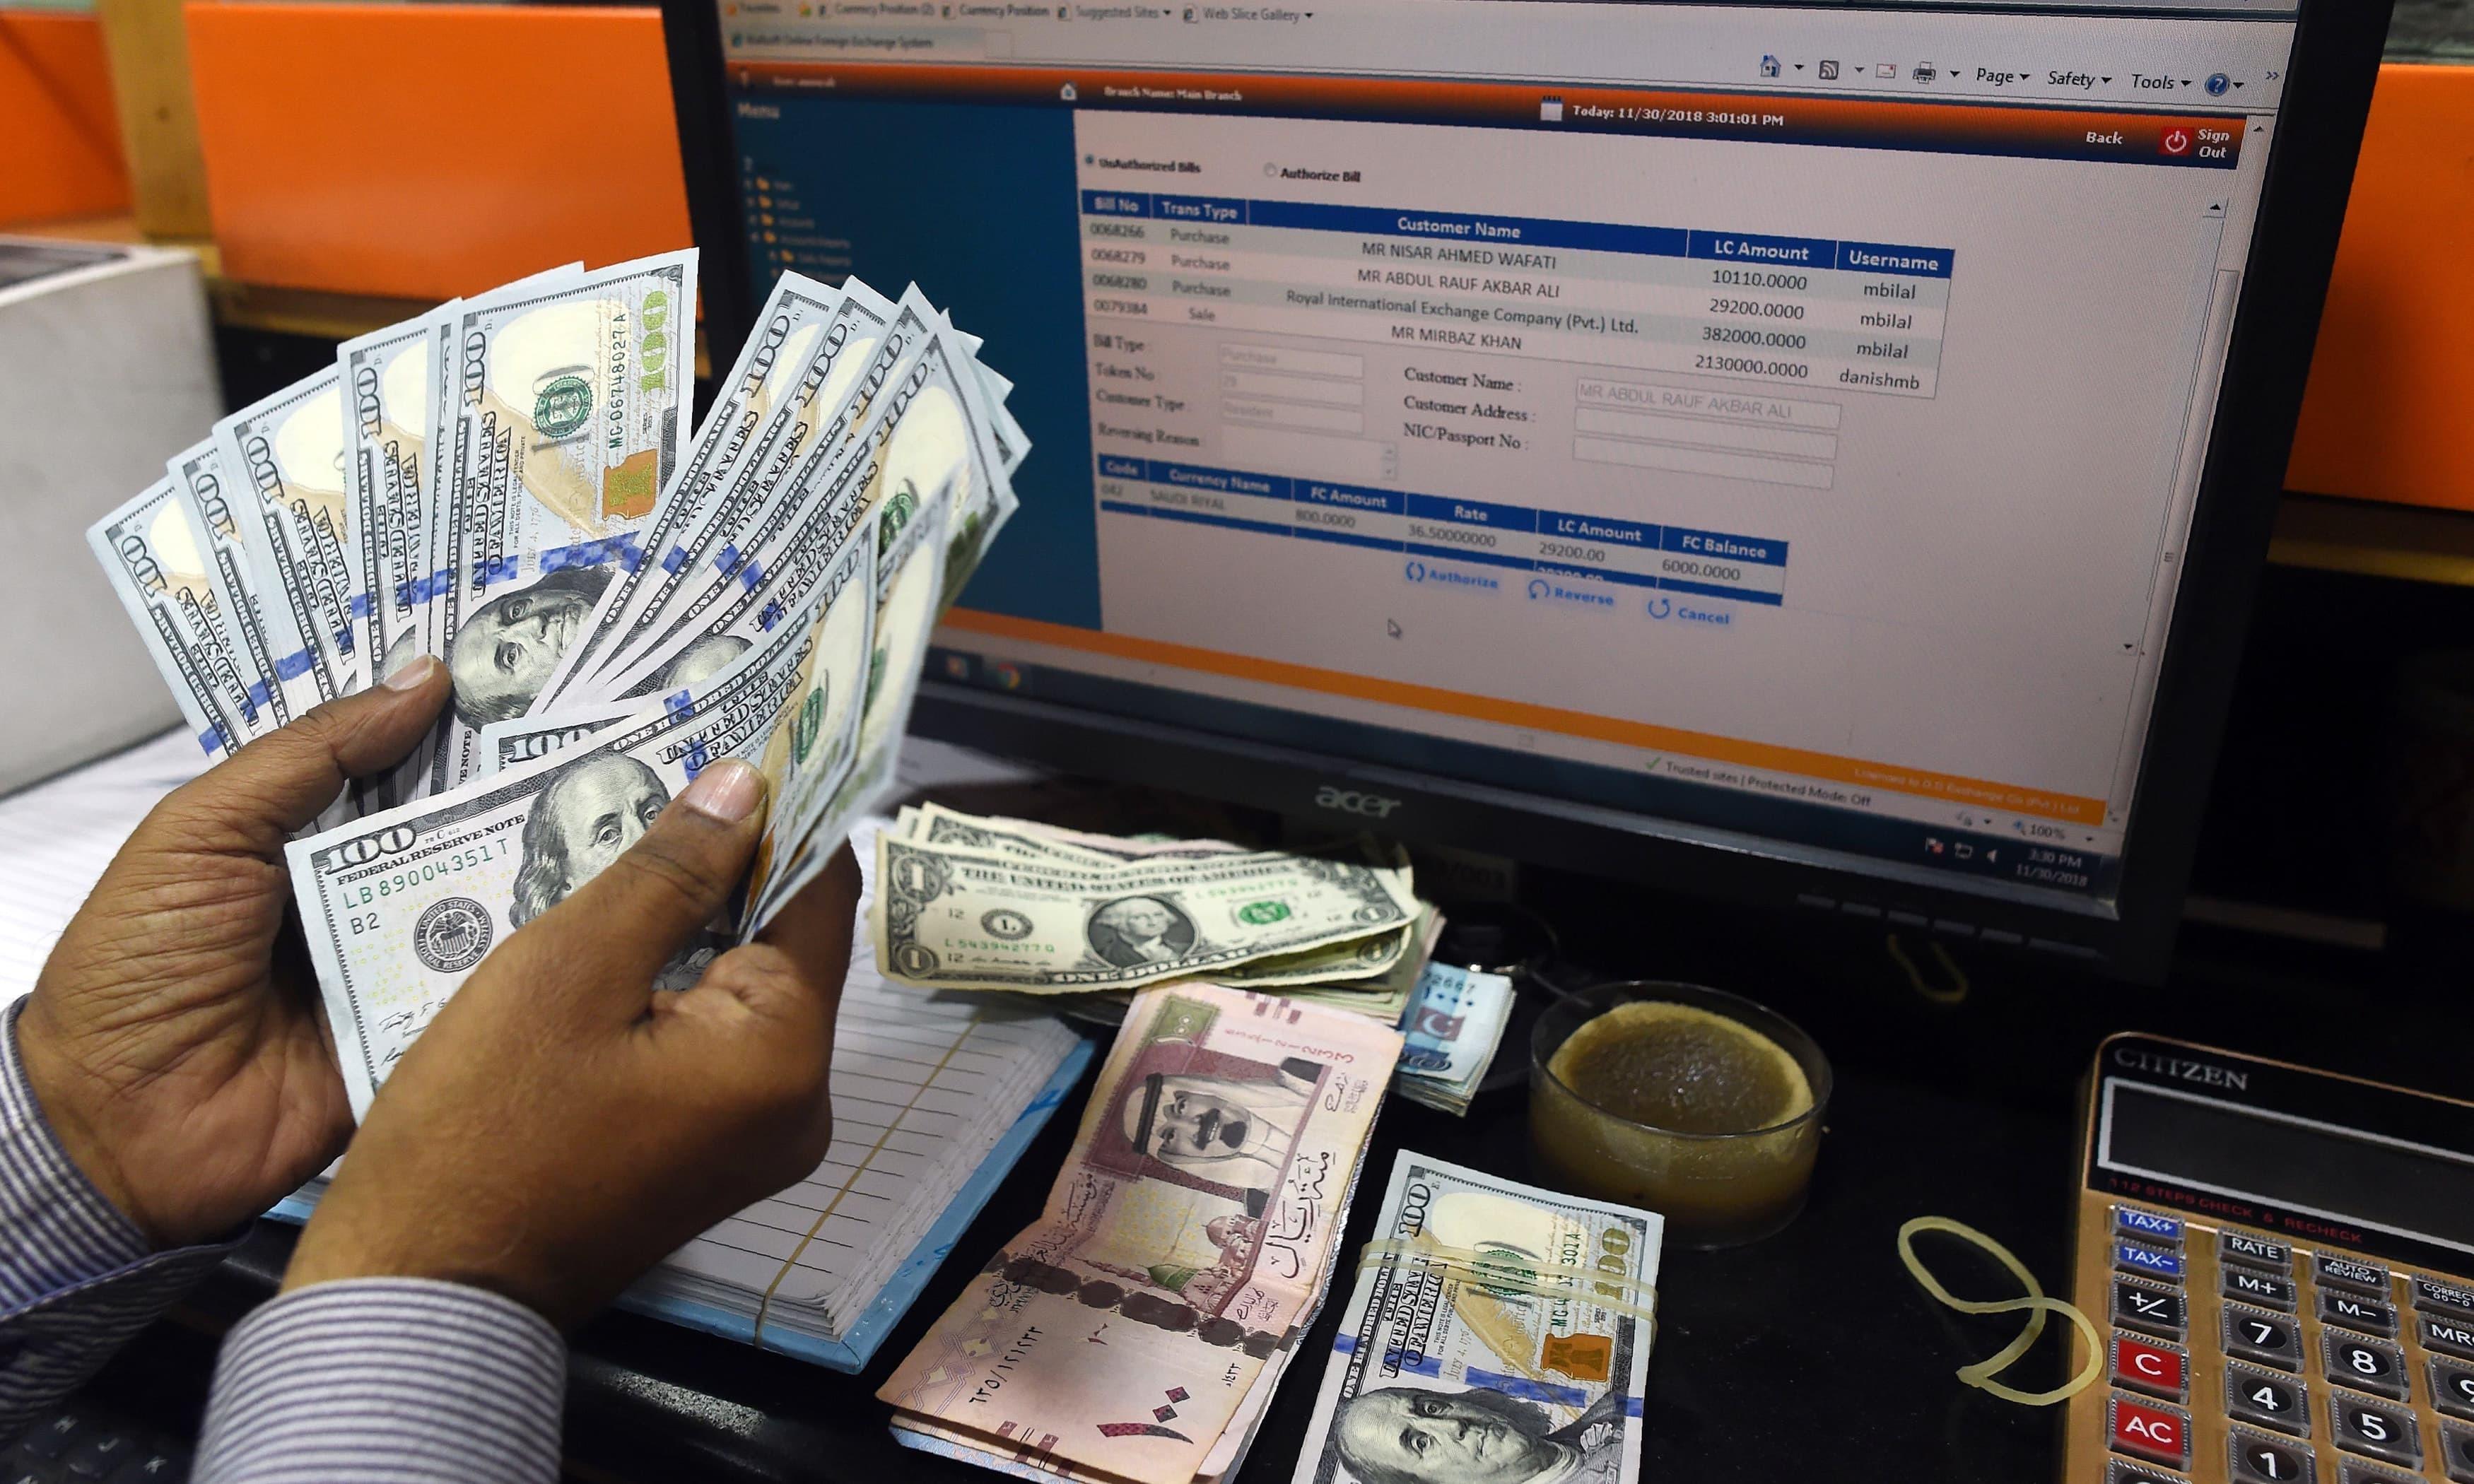 انٹربینک ٹریڈنگ میں ڈالر اب تک کی بلند ترین سطح 163 روپے کو چھو گیا—فائل فوٹو: اے ایف پی